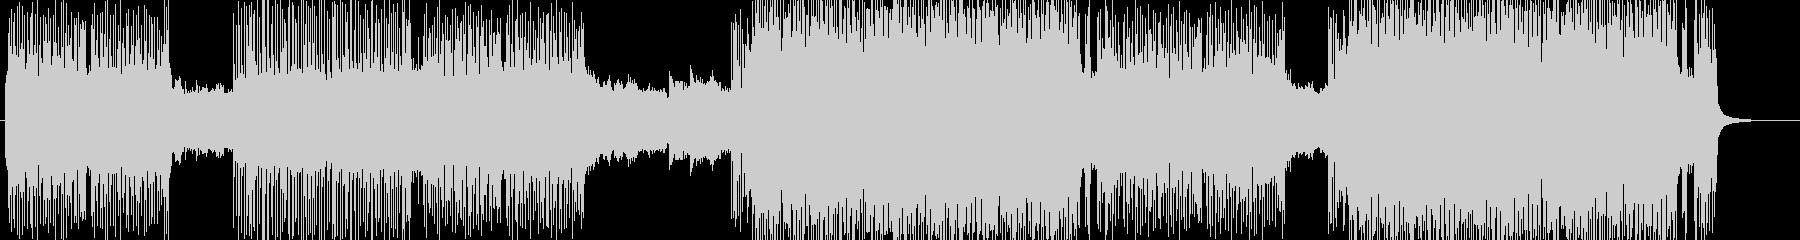 「ハード/ヘヴィ/ダーク/」BGM62の未再生の波形